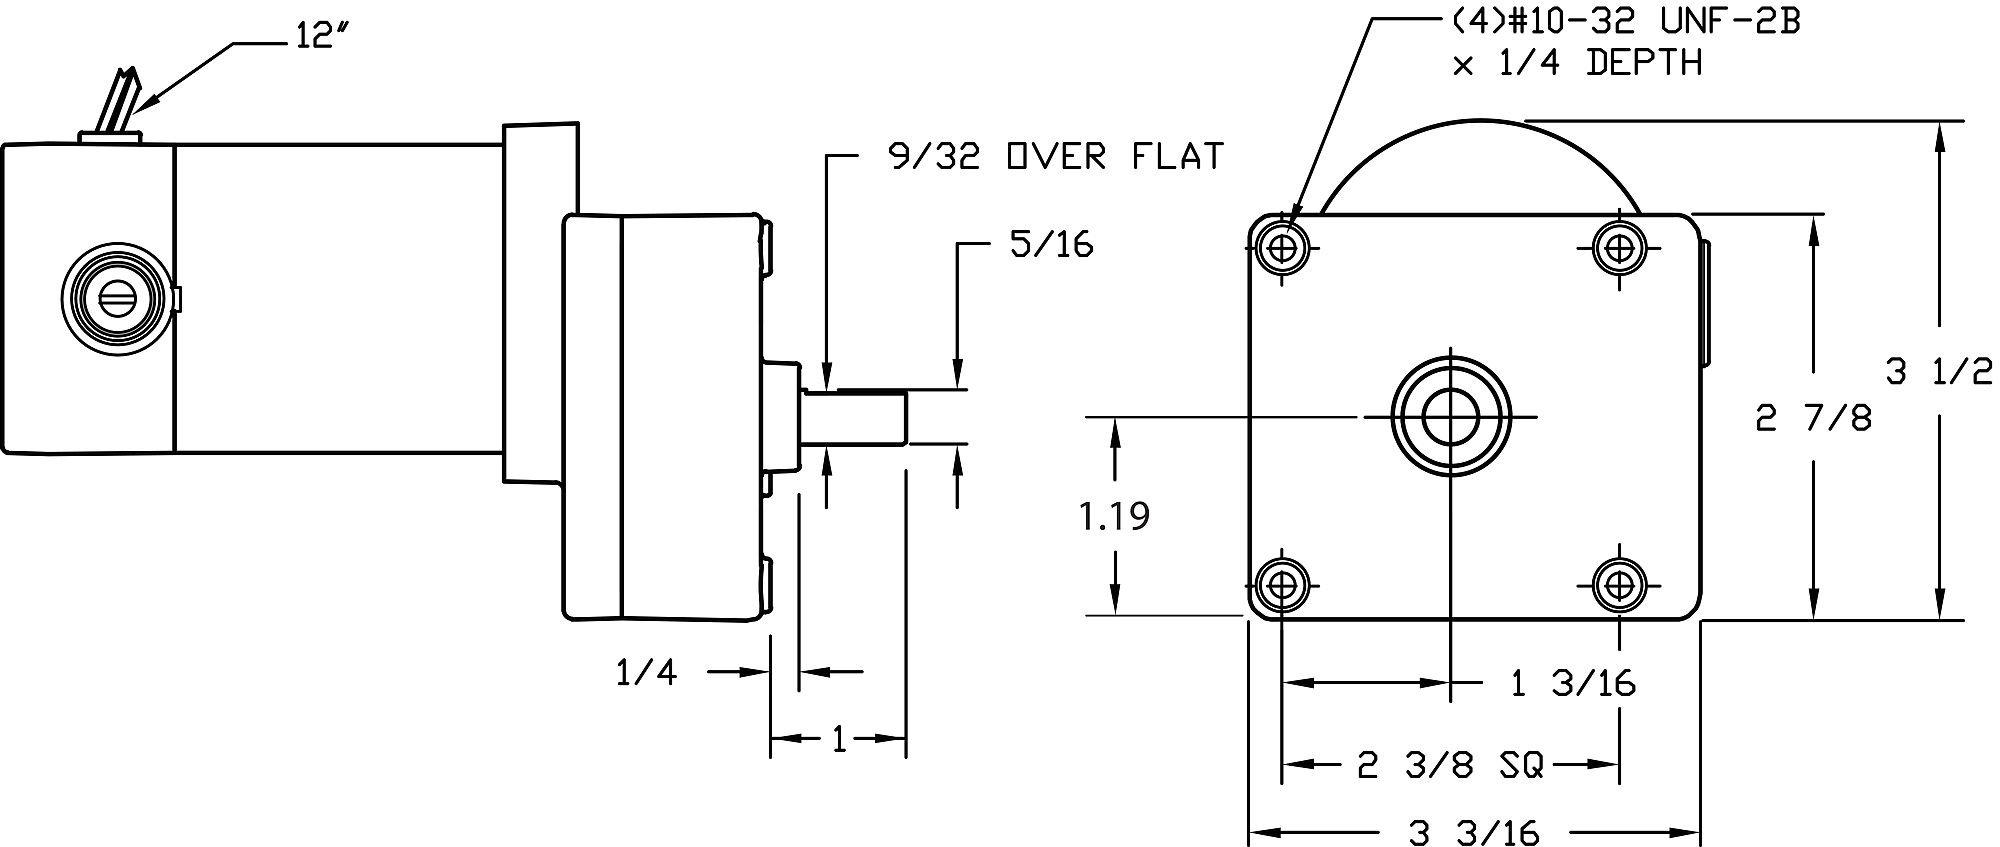 DC Gearmotor, 17 rpm, 12V, TENV